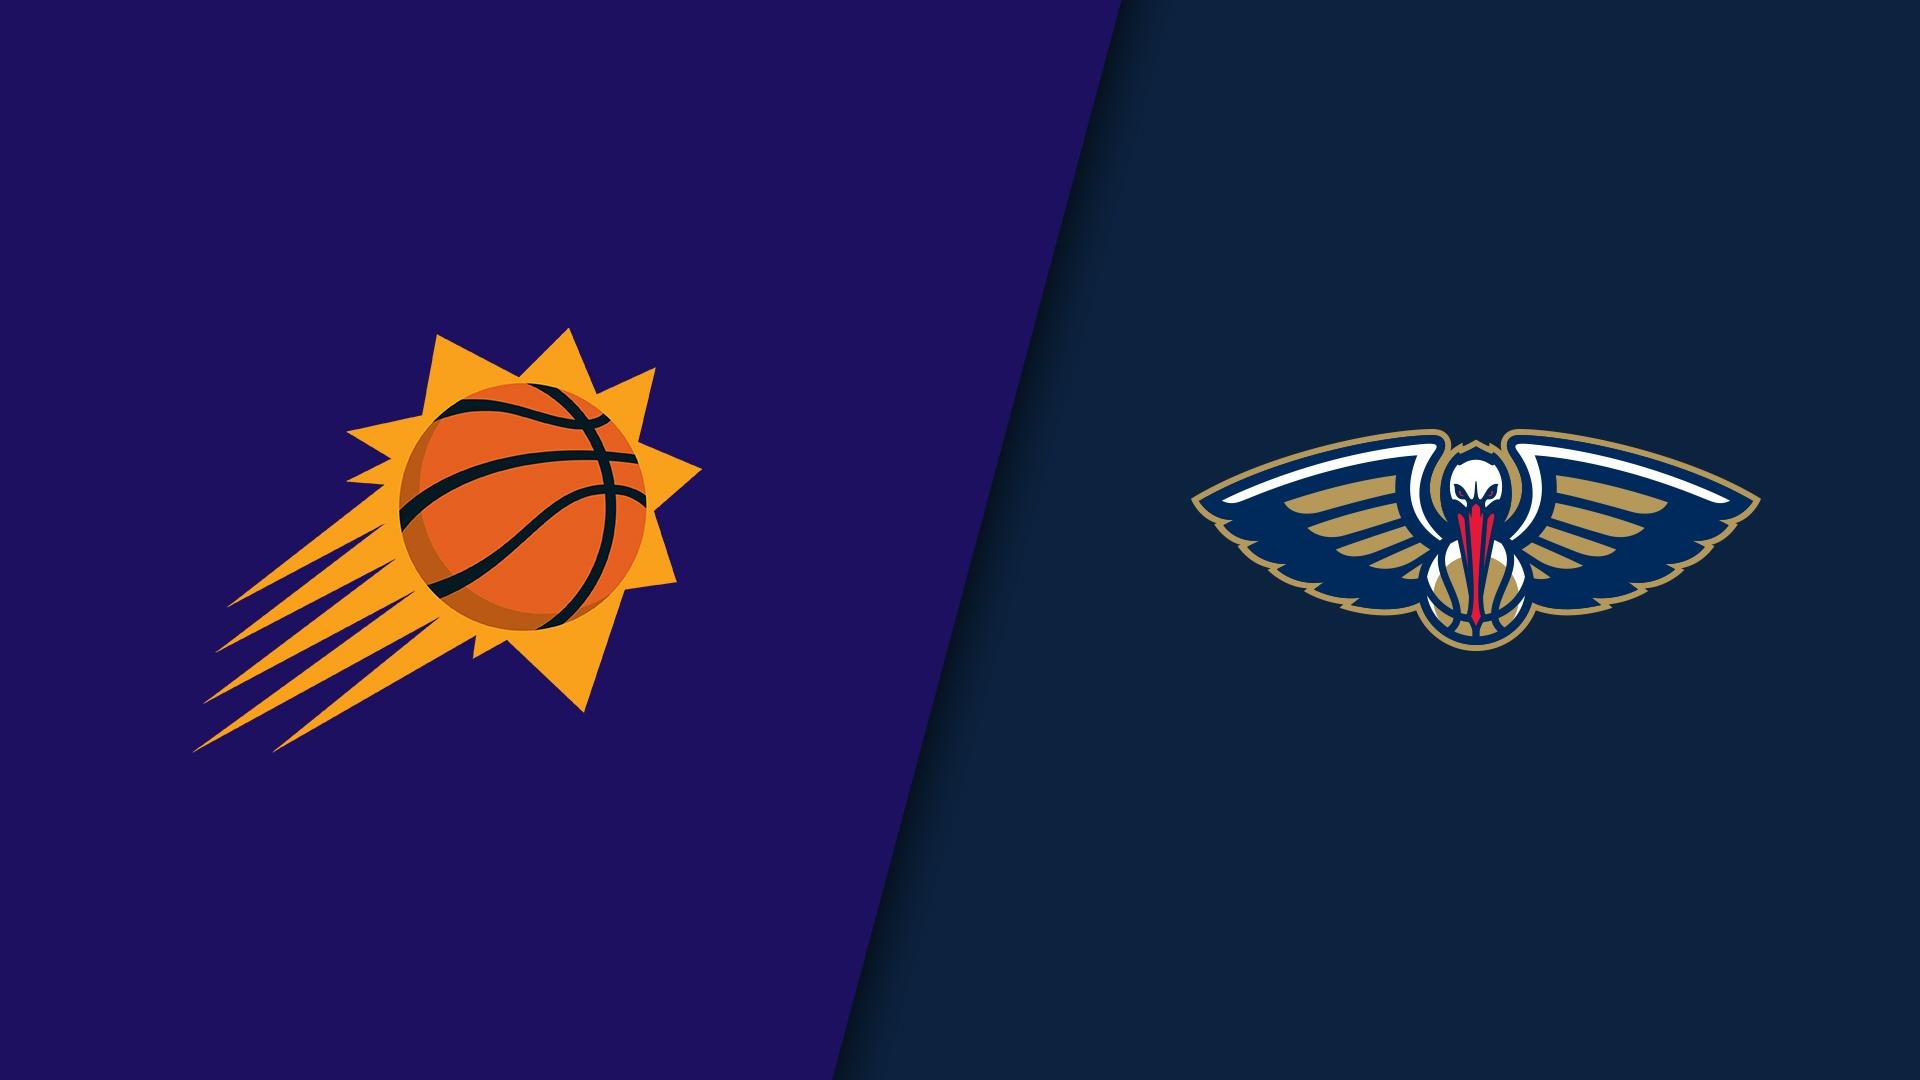 Phoenix Suns vs New Orleans Pelicans